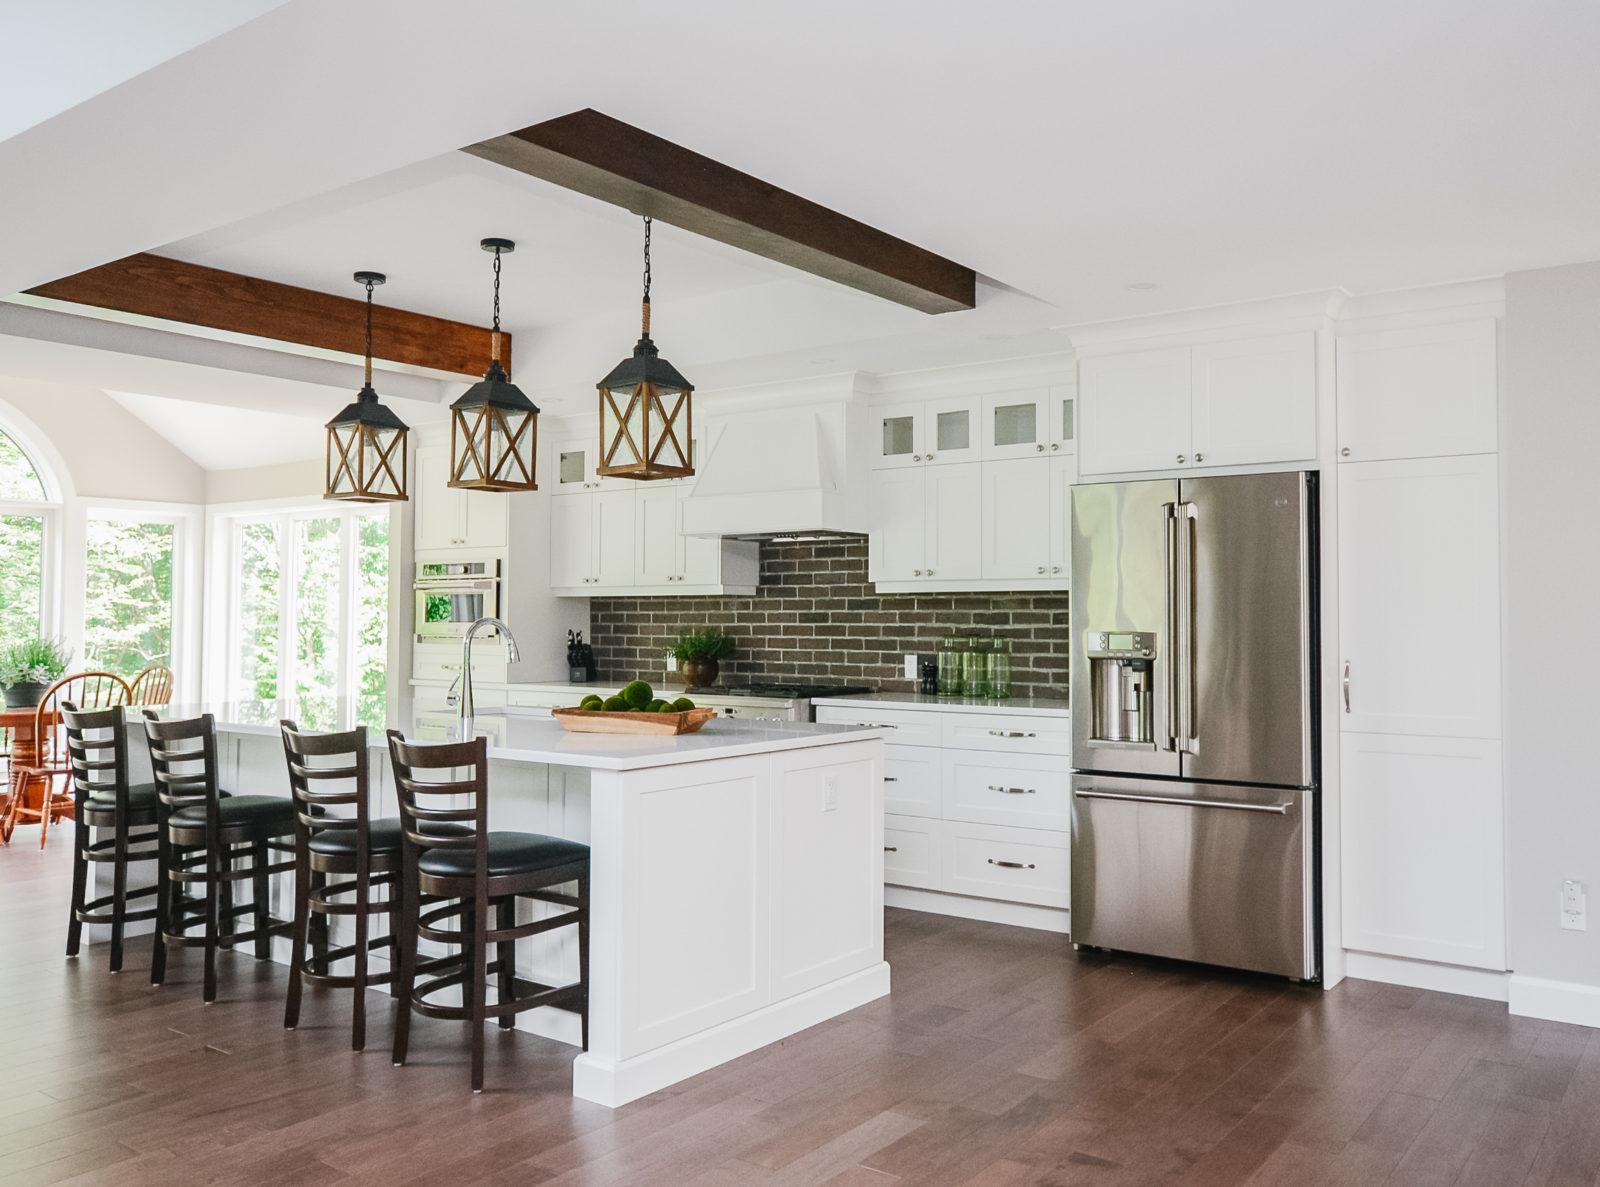 kitchen design, spectrumkitchens